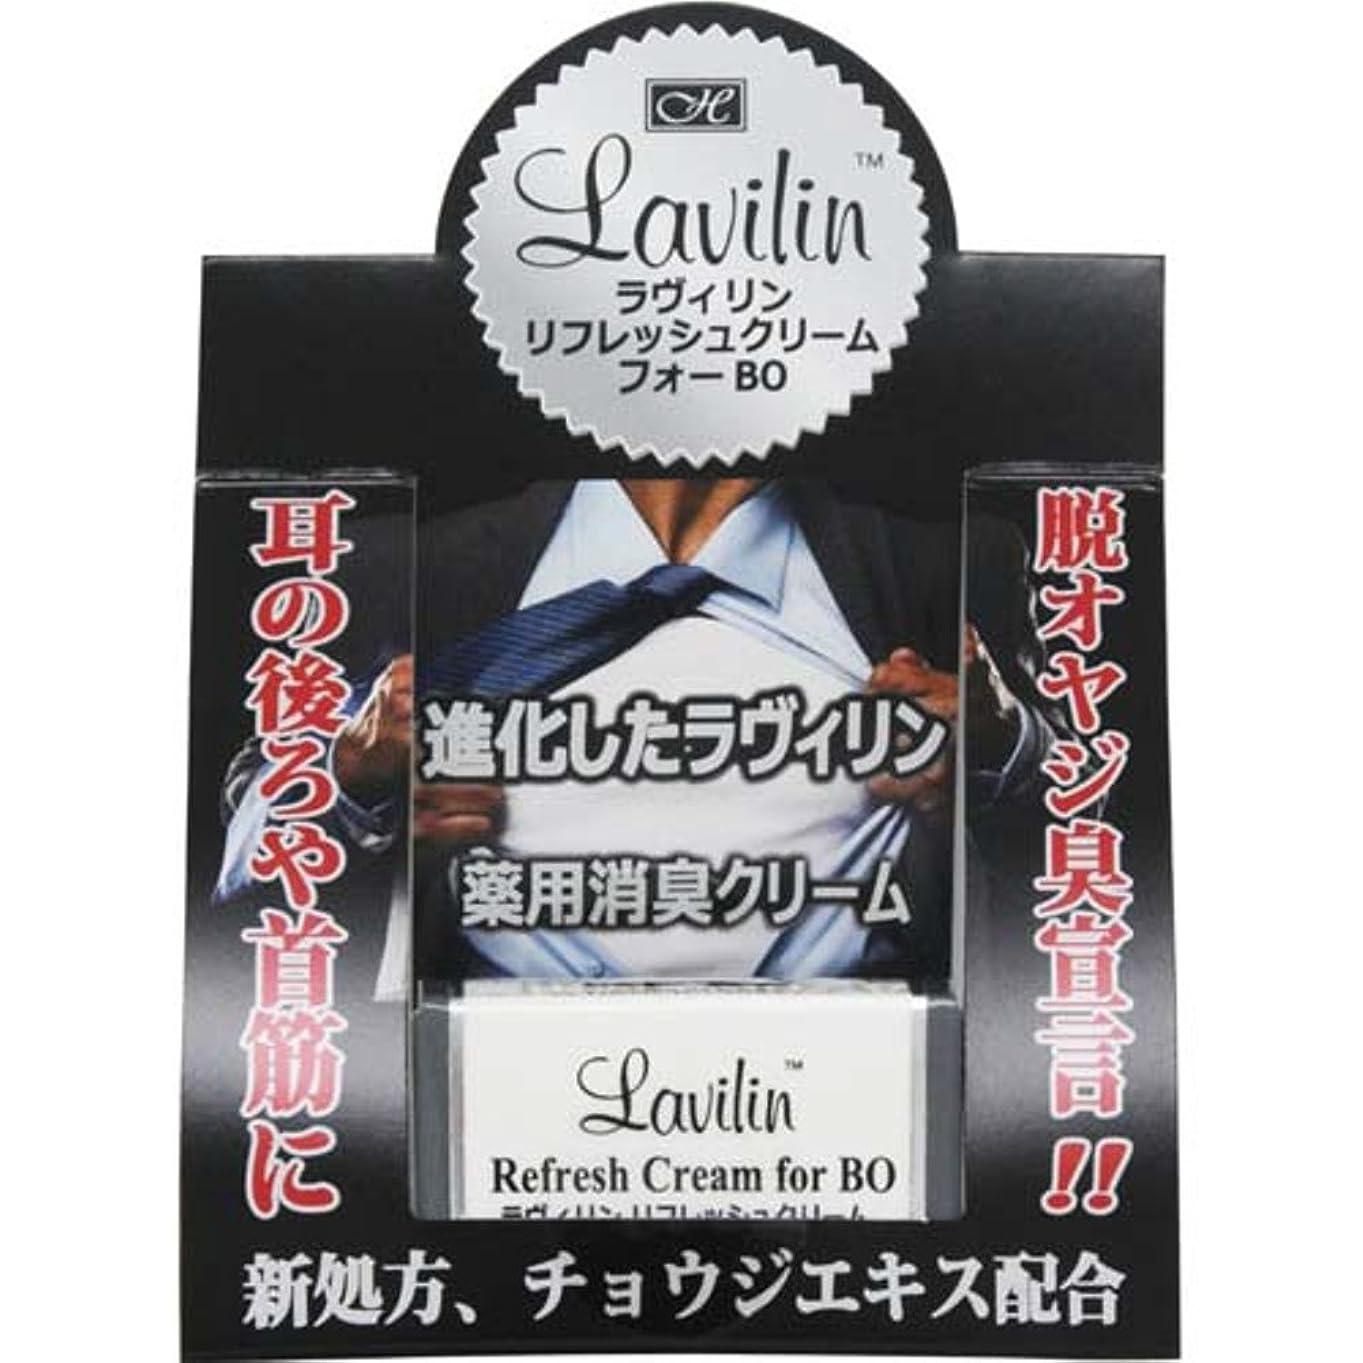 持続的何十人も子供達ラヴィリン リフレッシュクリーム フォーボディ